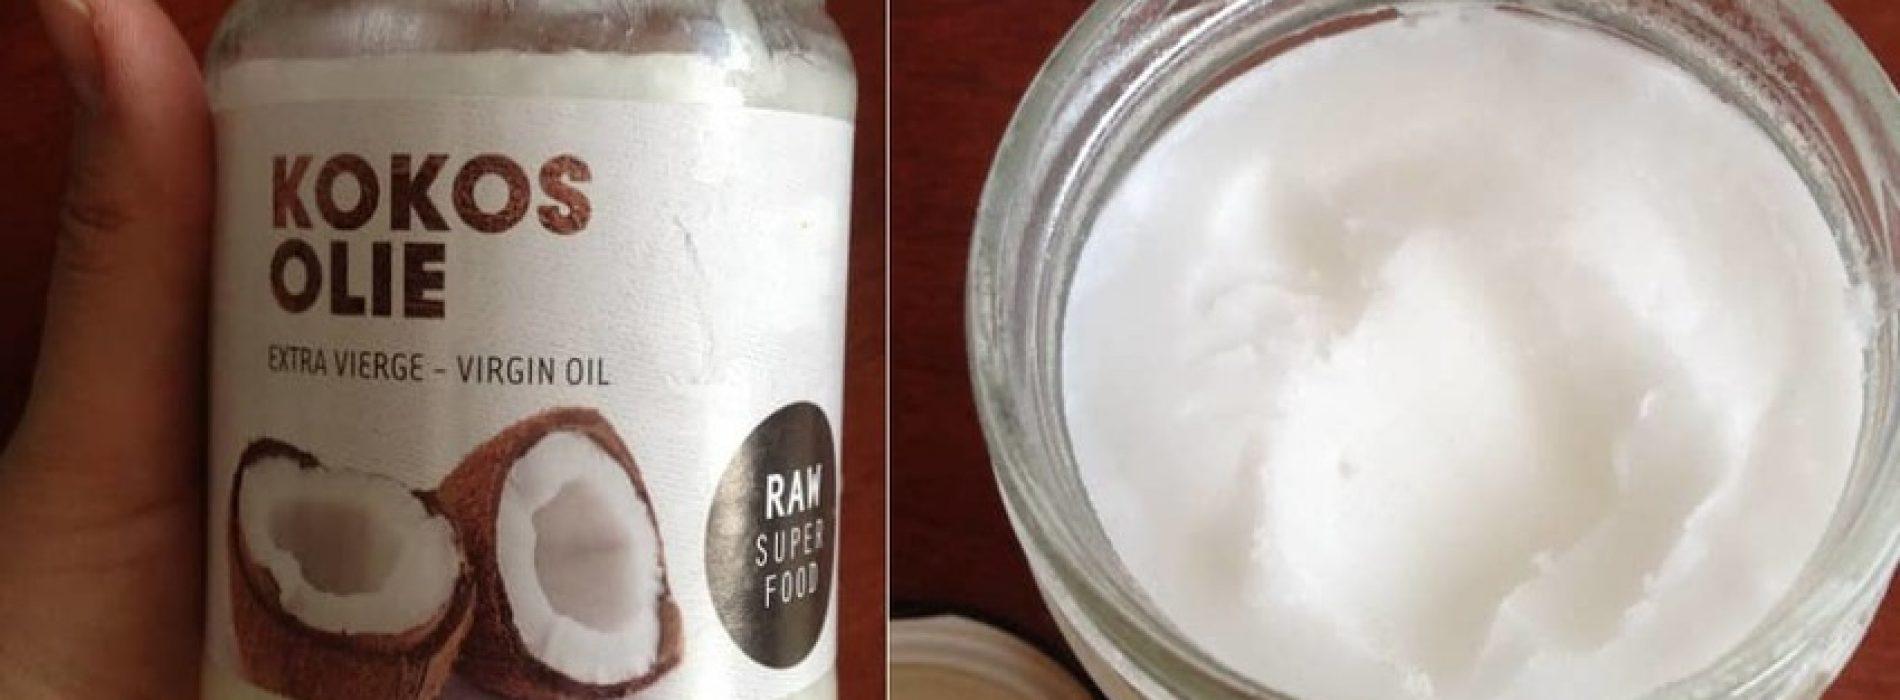 Heb jij nog geen kokosolie in huis? Lees hier de geweldige voordelen en koop het vandaag nog!